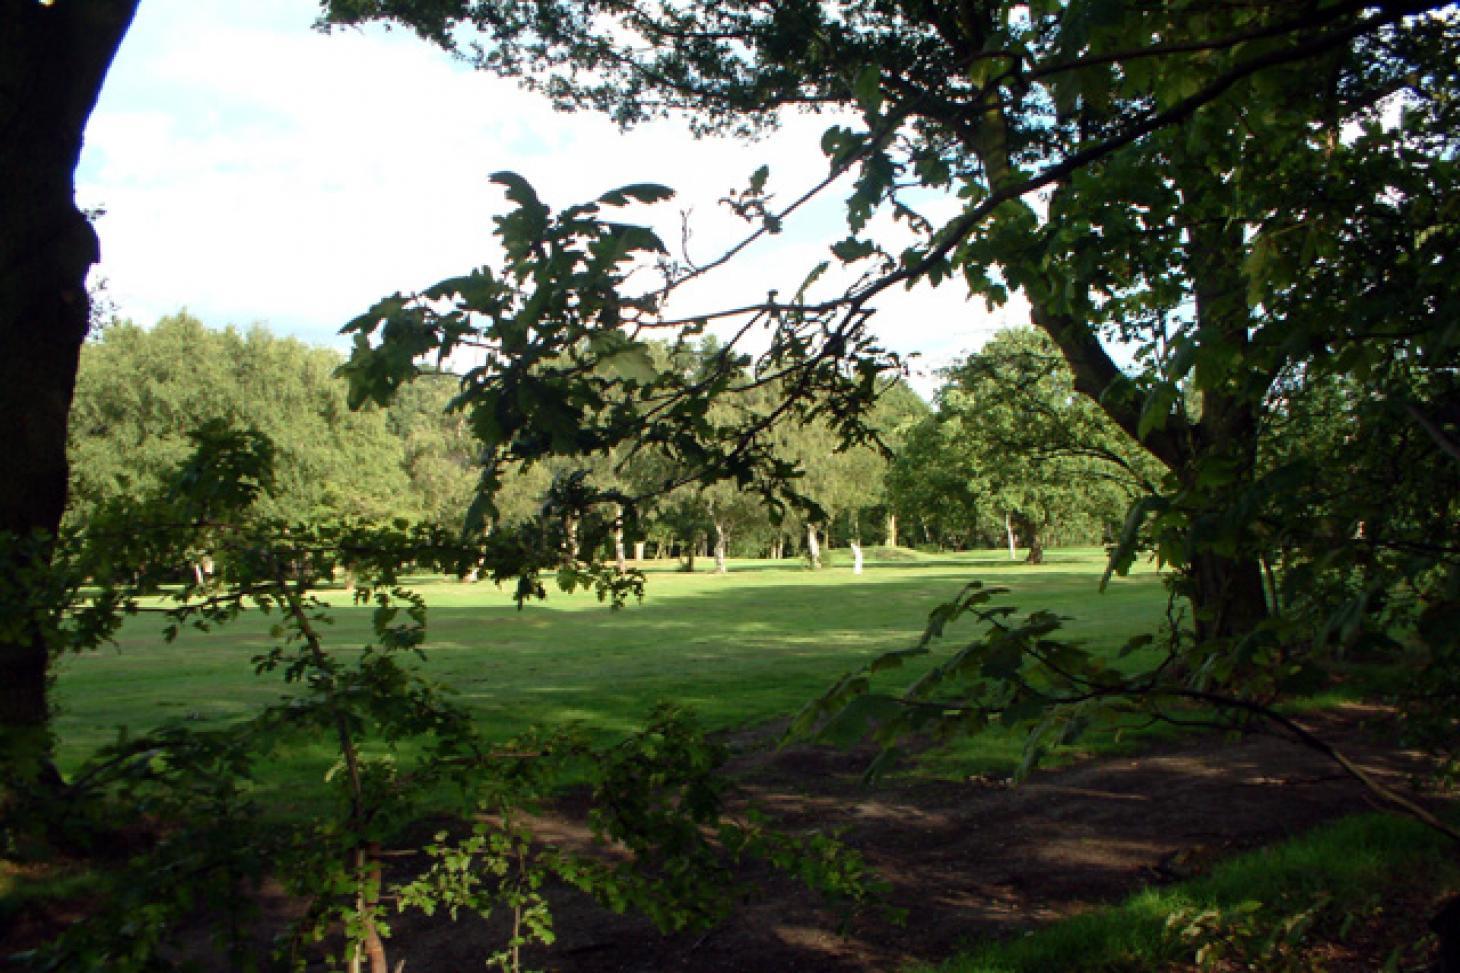 Langley Park Golf Club 18 hole golf course